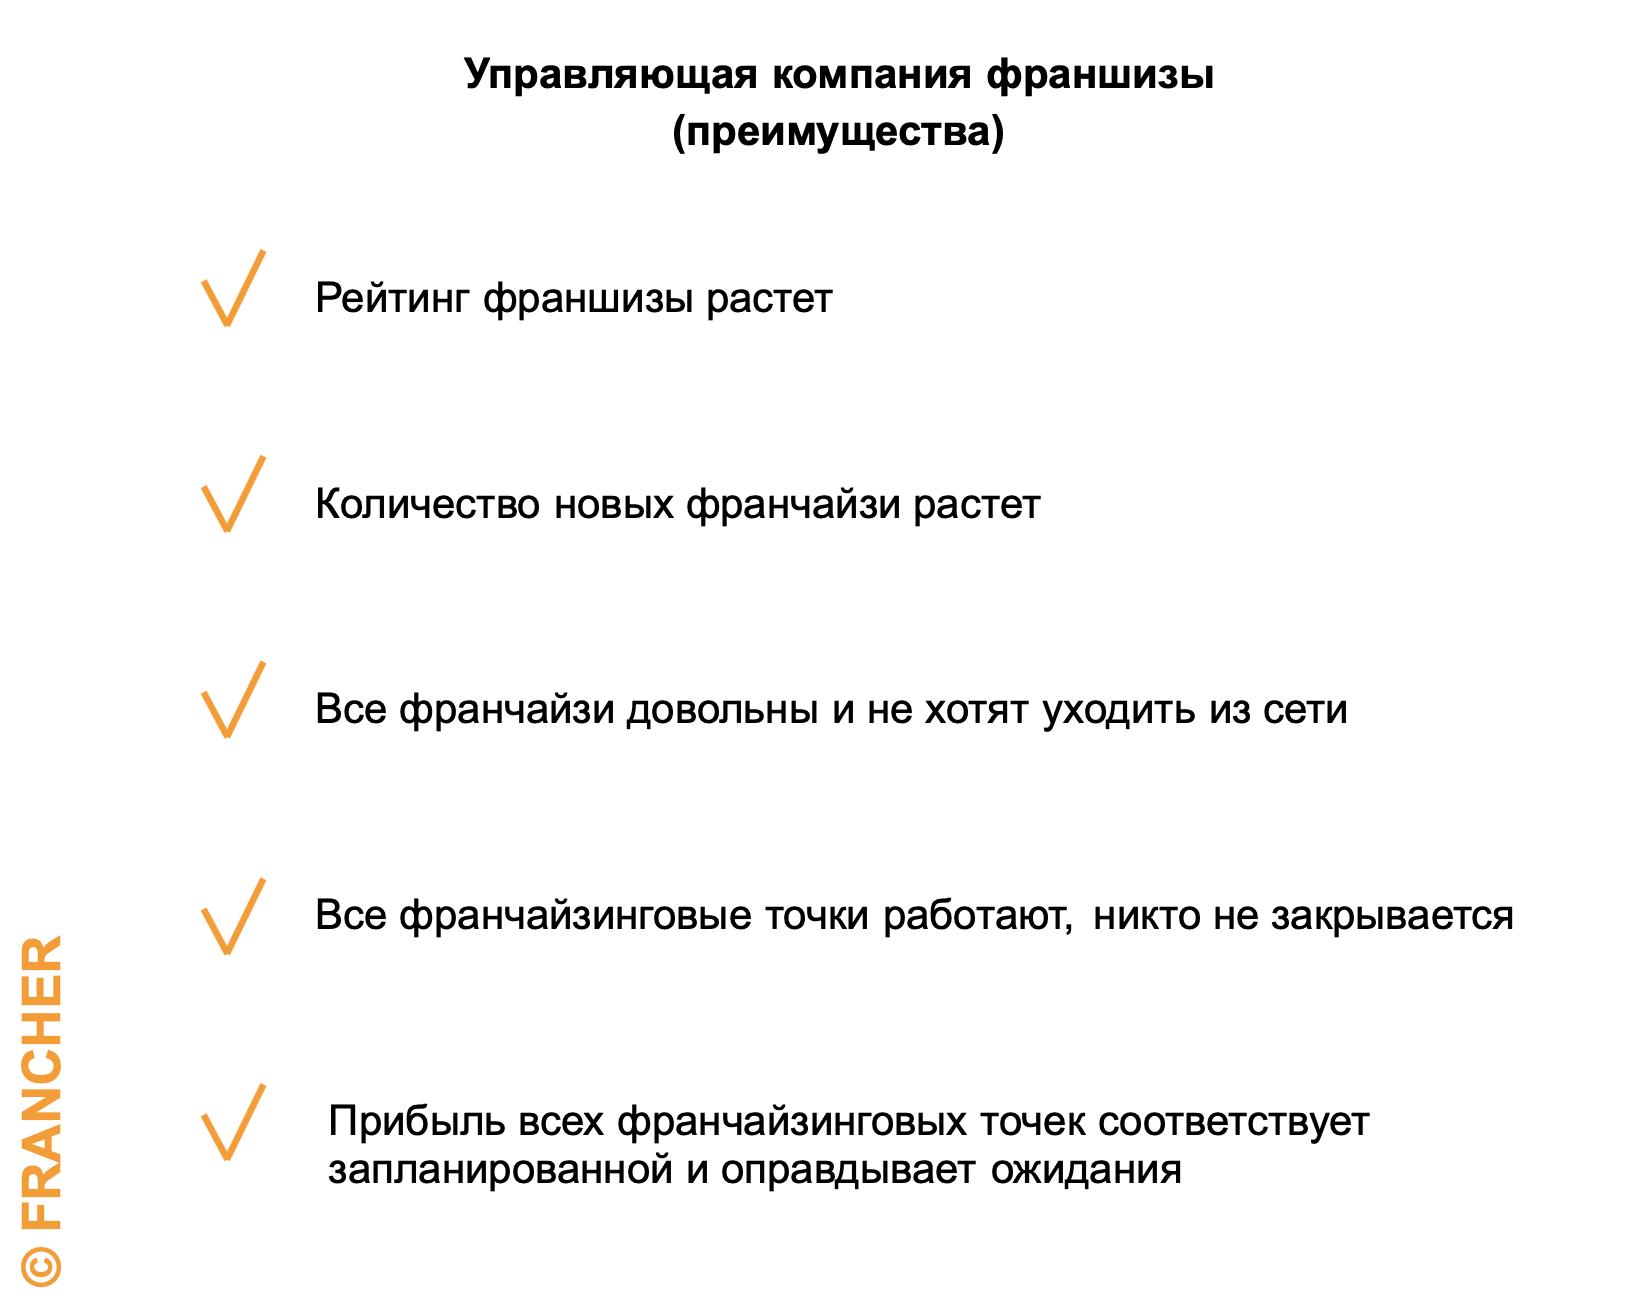 franshiza-podderzhka-partnerov